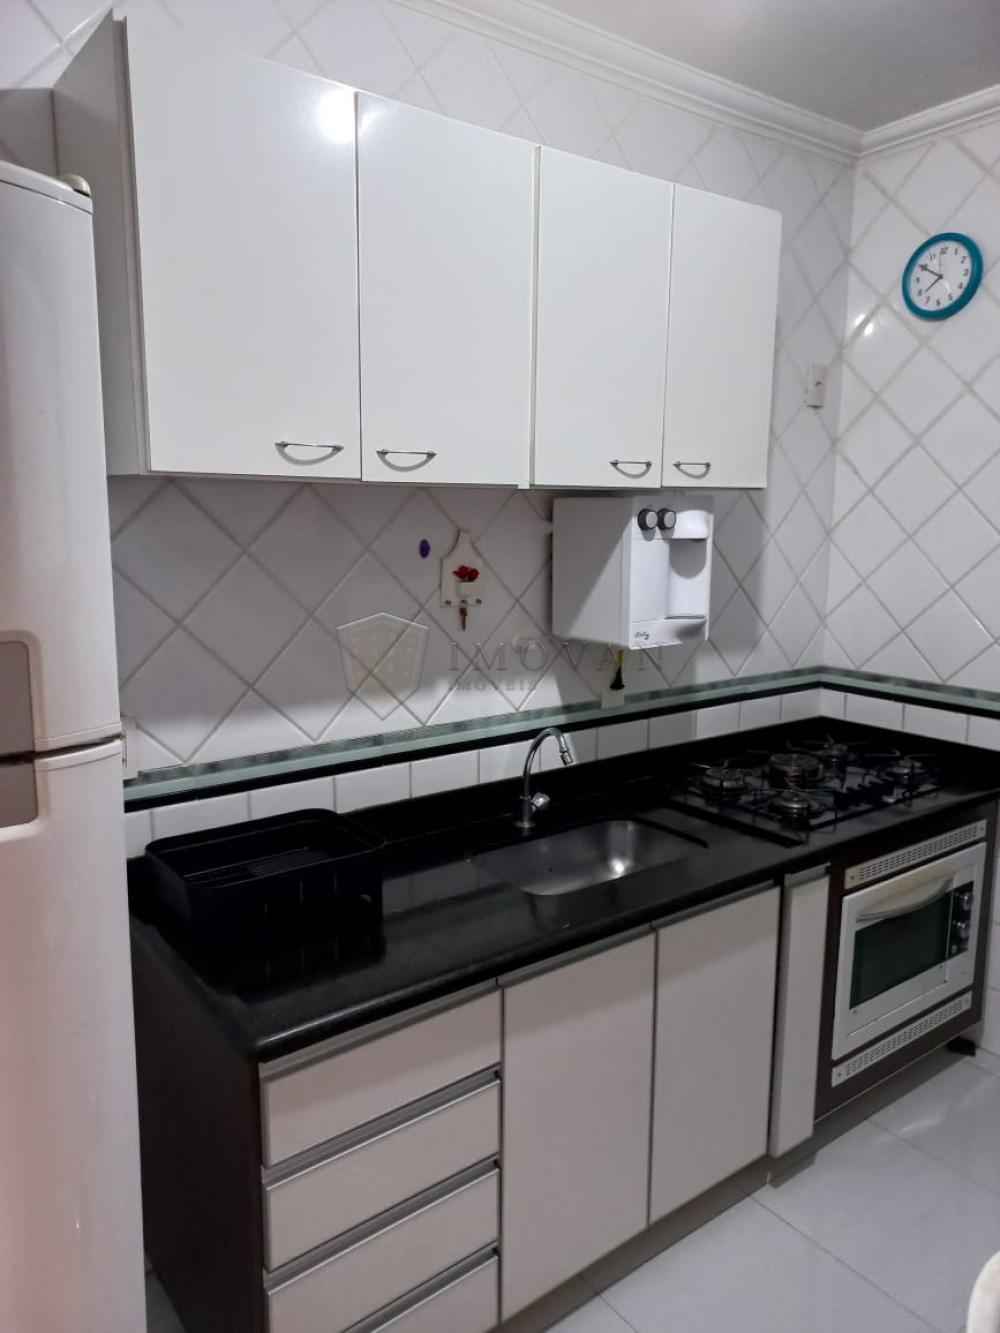 Comprar Apartamento / Padrão em Ribeirão Preto R$ 298.000,00 - Foto 14